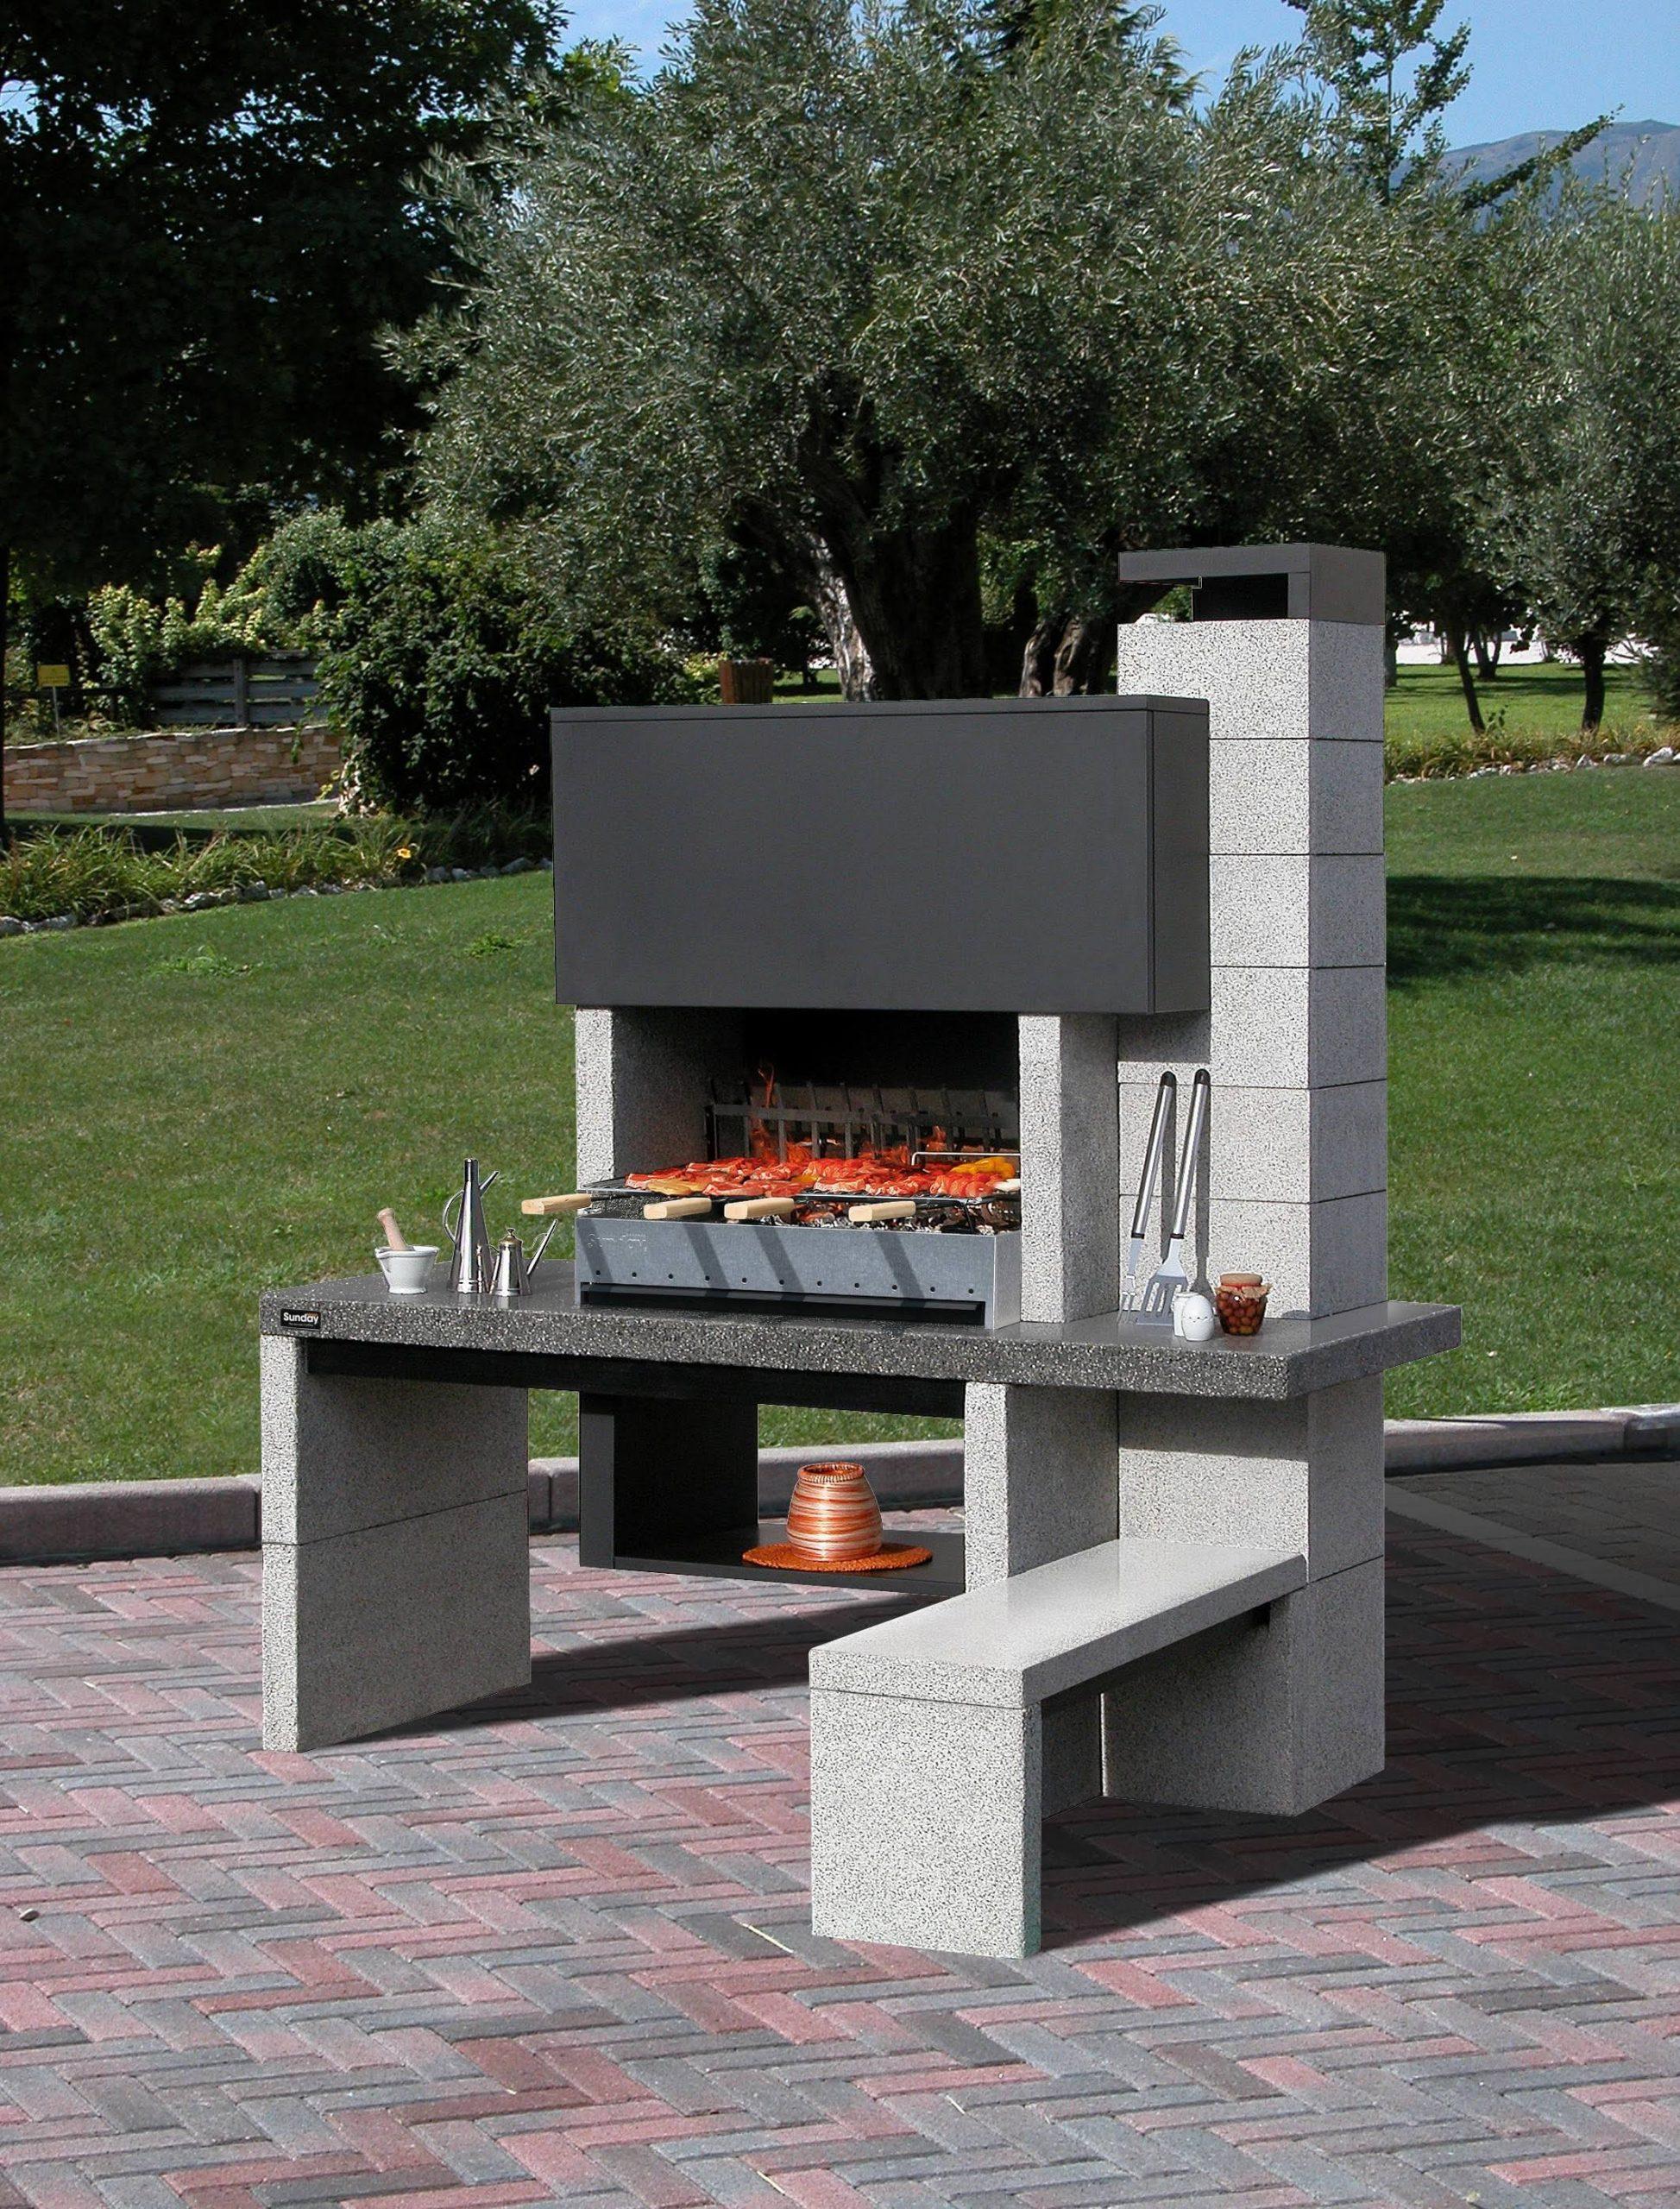 Cuisine: Barbecue Fait Maison Messages Page Construire Un ... dedans Barbecue De Jardin En Brique